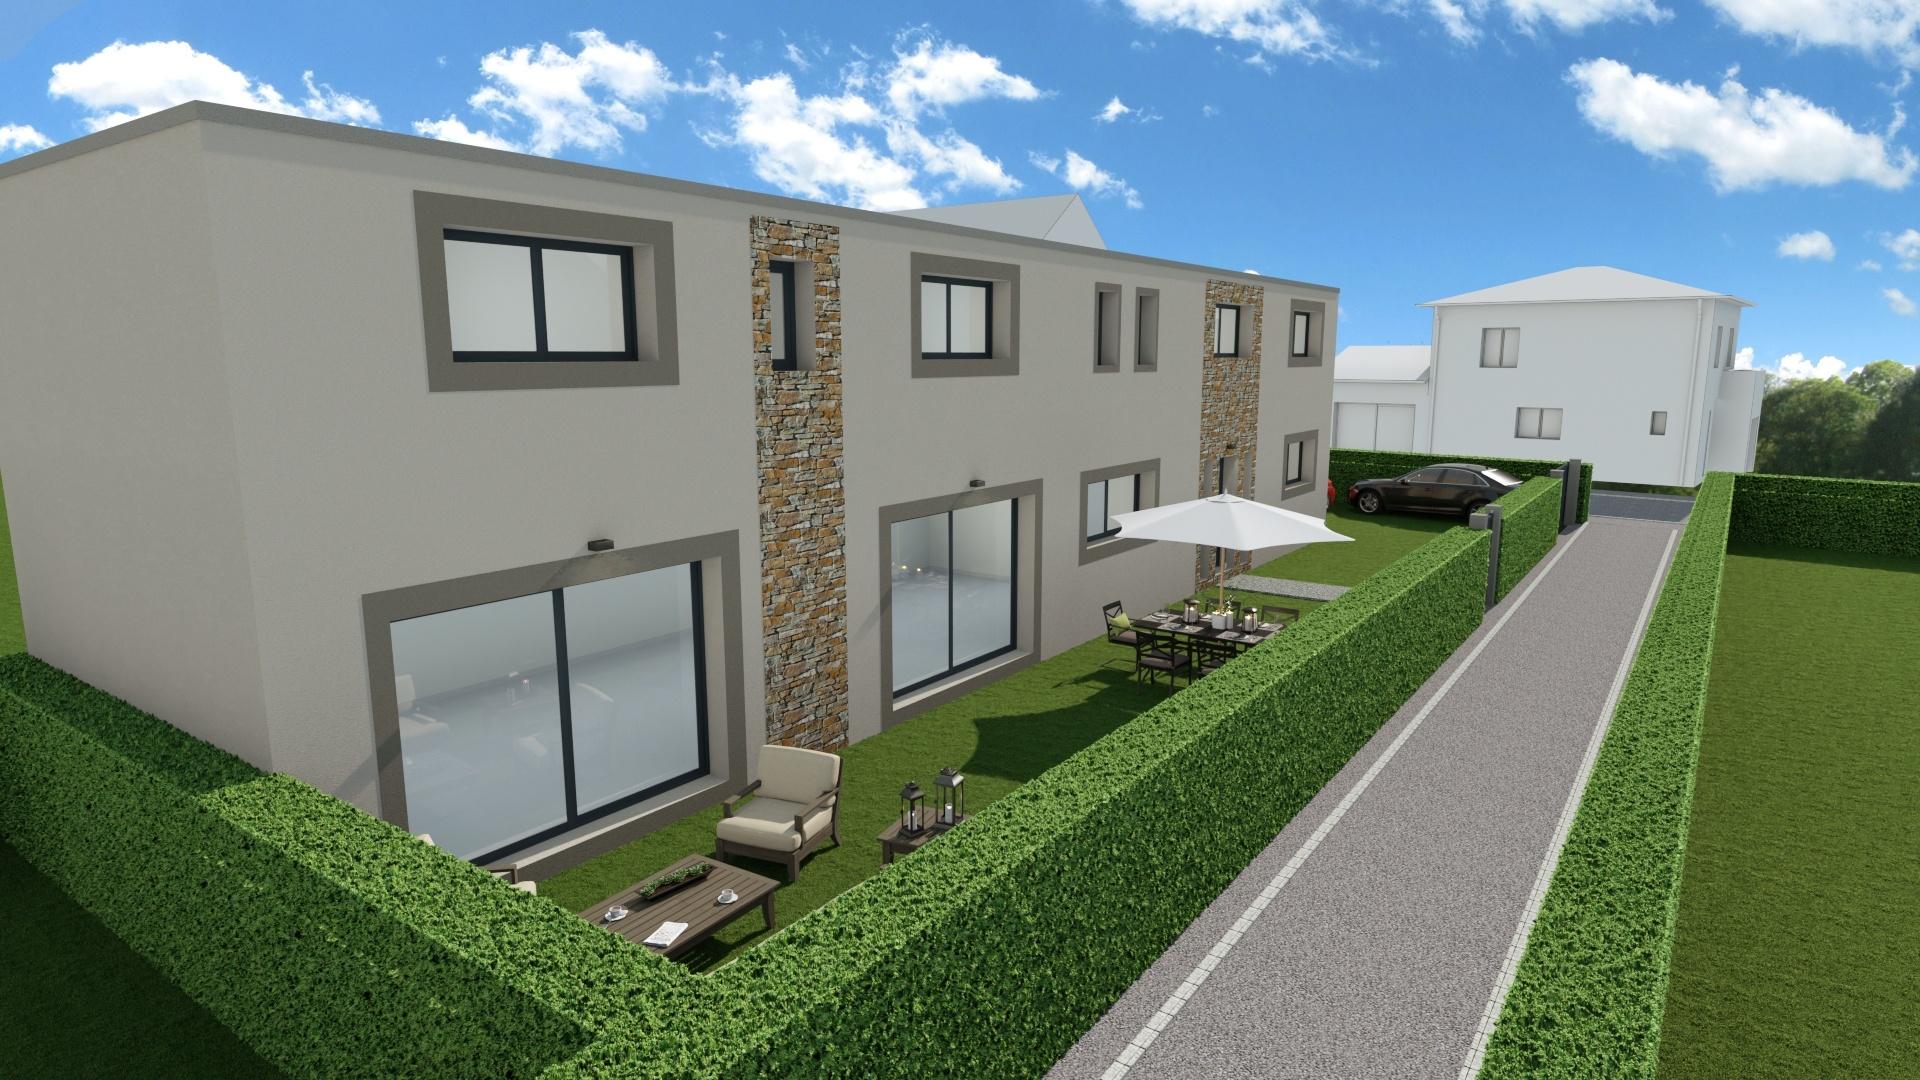 Maisons + Terrains du constructeur Les Maisons Lelievre • 154 m² • SOISY SOUS MONTMORENCY